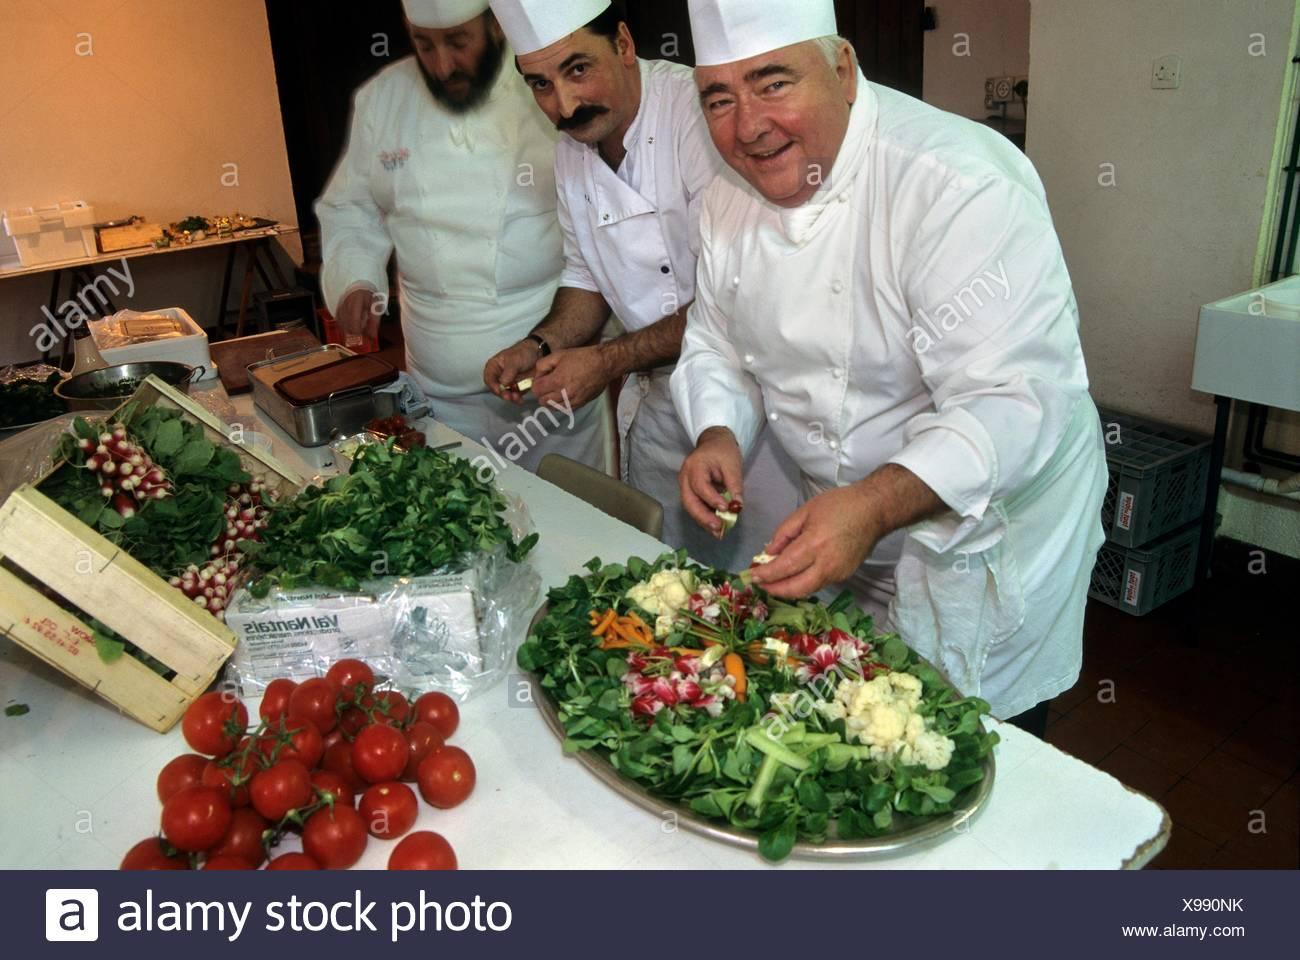 chefs cuisiniers preparant un plat avec de la mache nantaise, region de Nantes, departement de Loire-Atlantique, region Pays de la Loire, Stock Photo